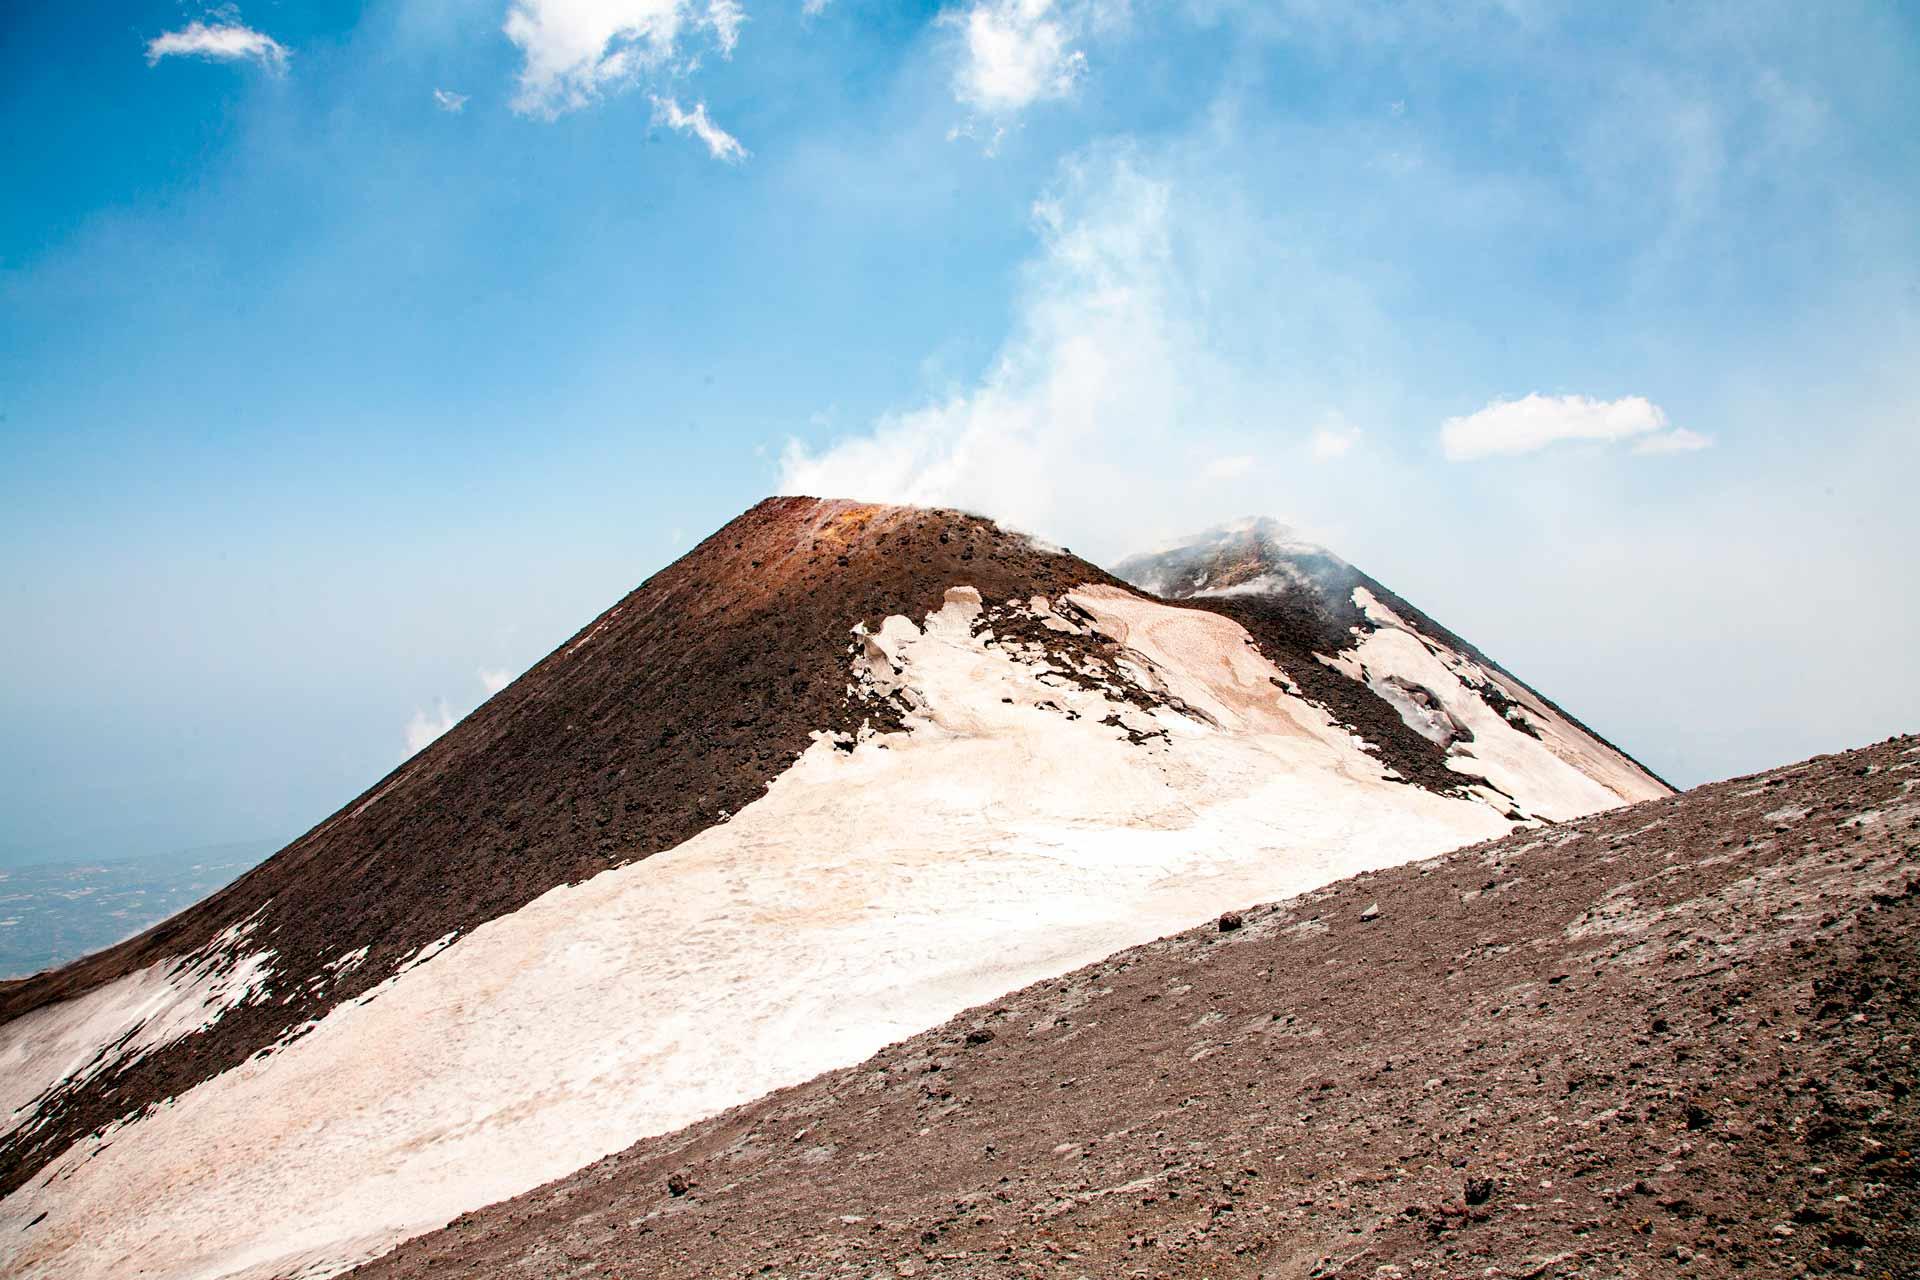 Nel Novembre 2017 il fondo del Cratere di Nord-Est è sprofondato e si è riaperto, tornando ad emettere il pennacchio gassoso che lo caratterizza.